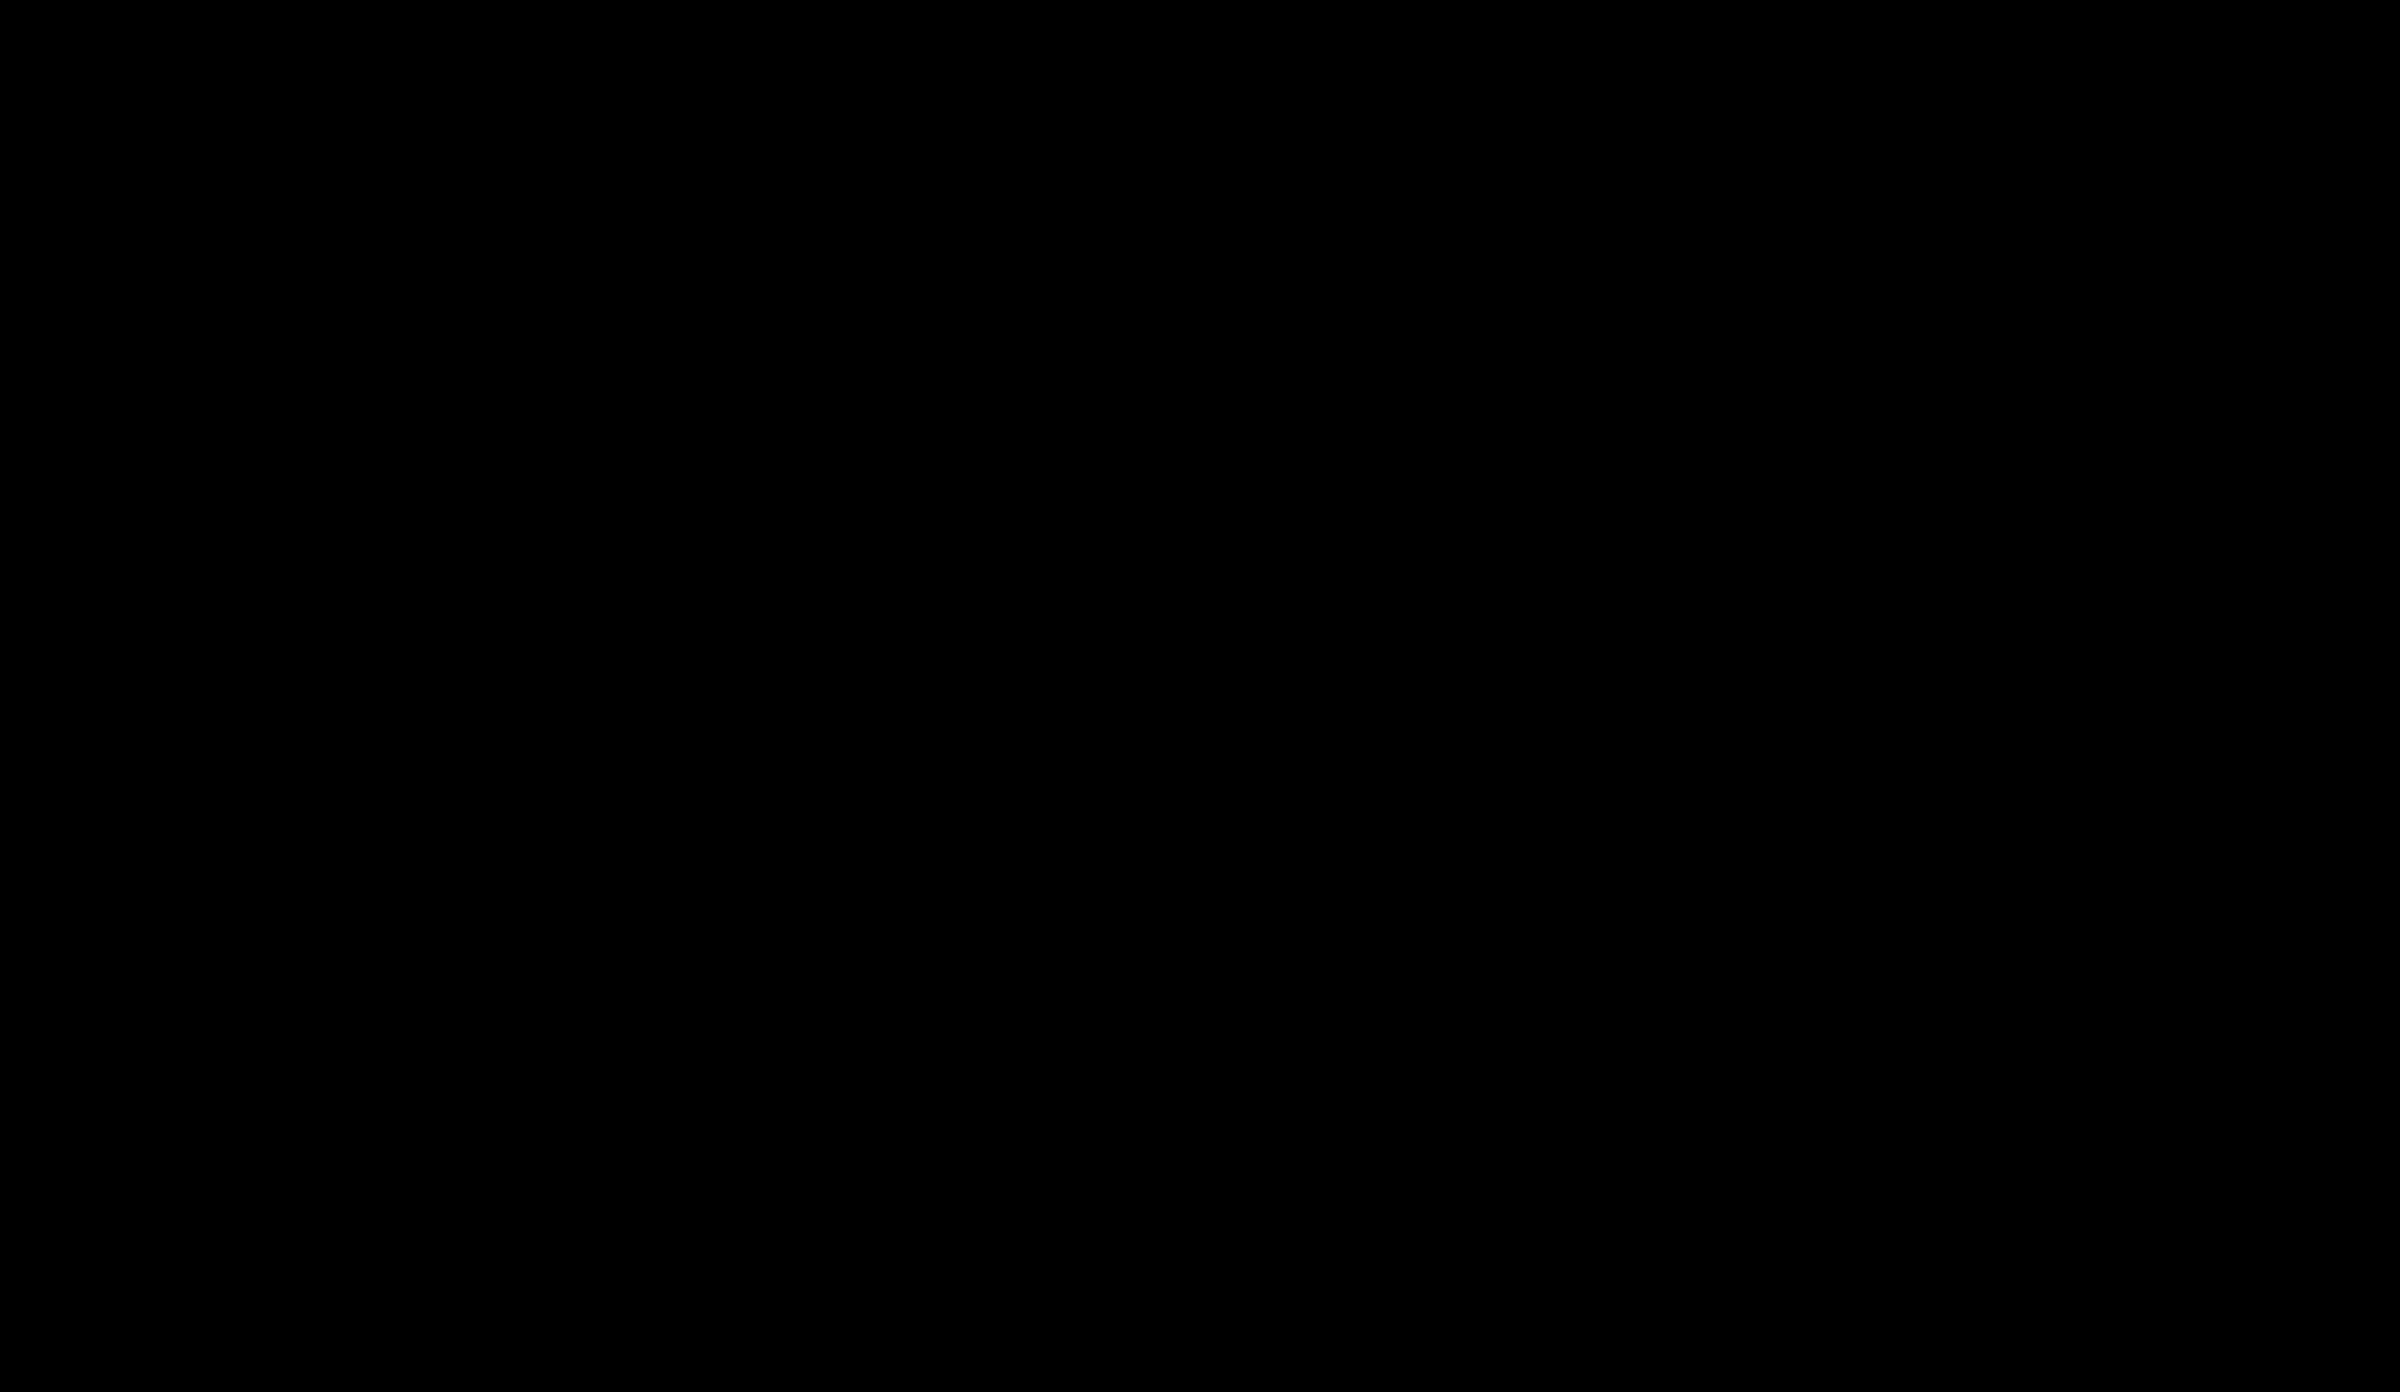 PNG Usa Outline